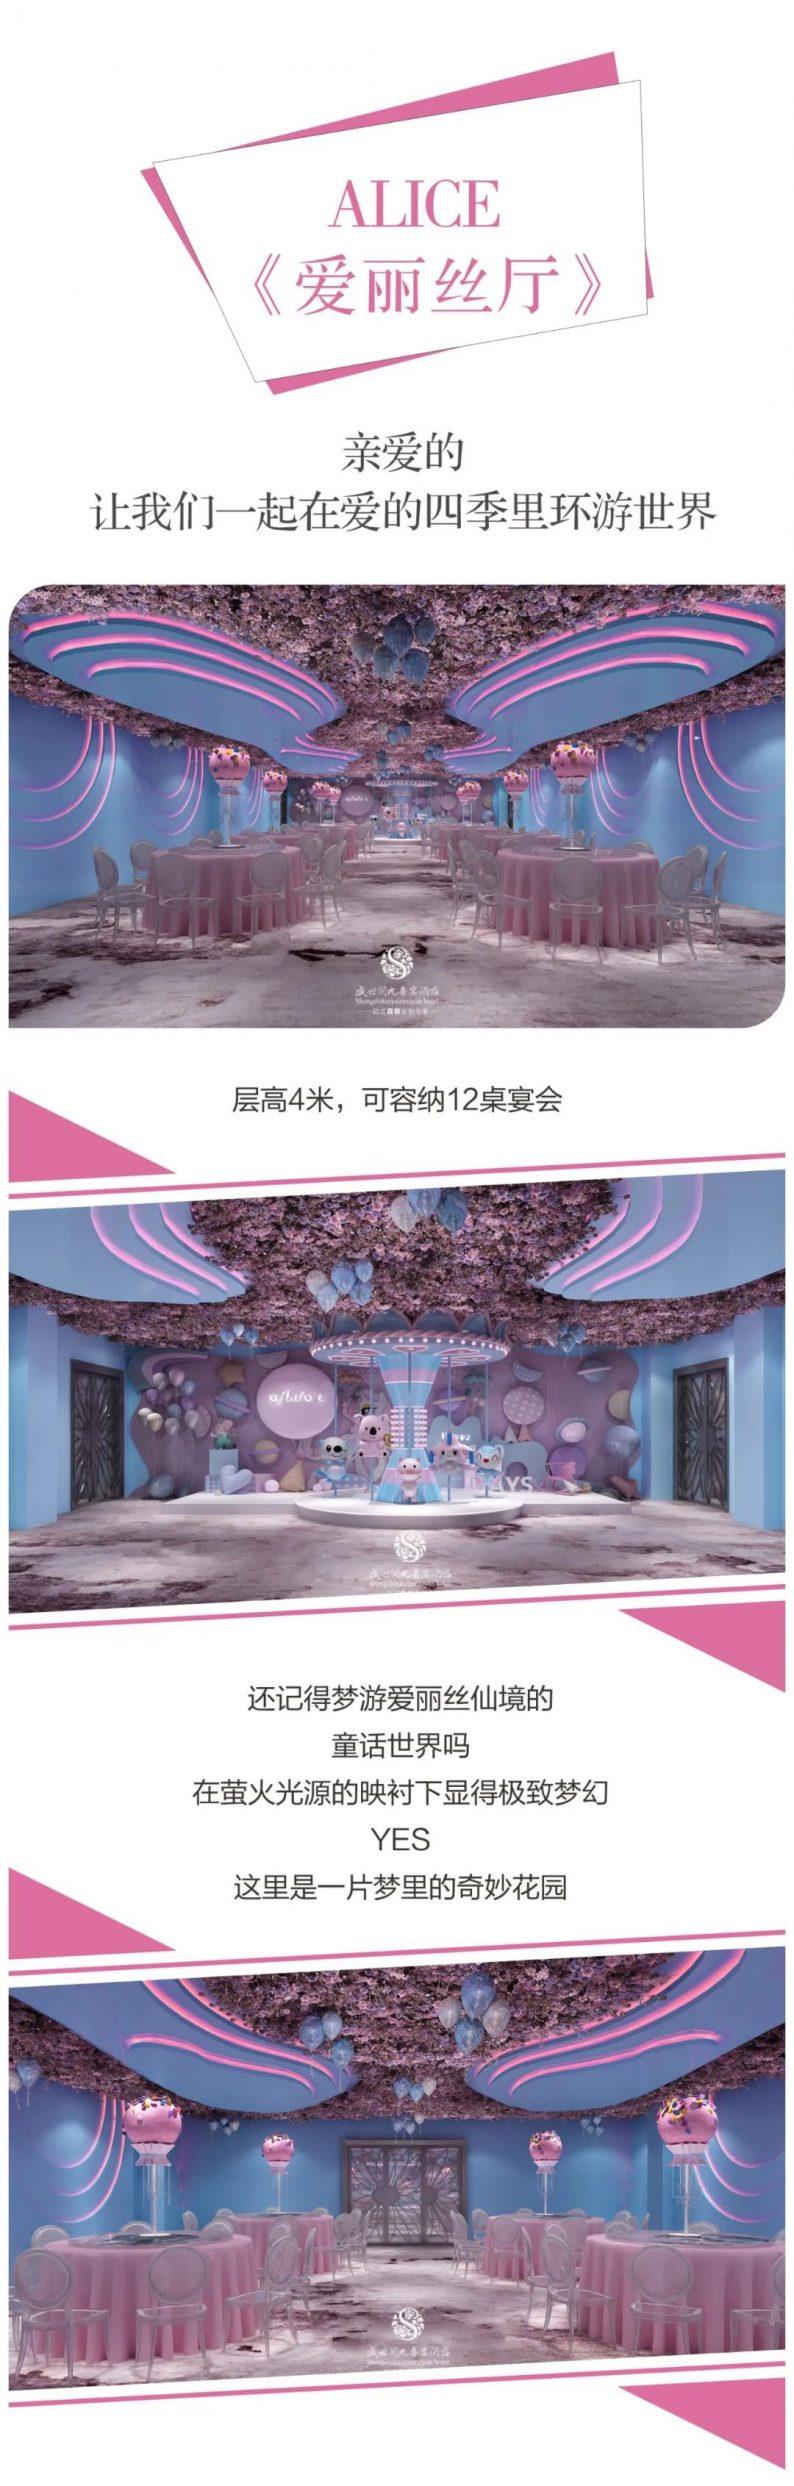 婚礼堂发布:徐丹设计!南阳首家百万级婚礼堂  第9张